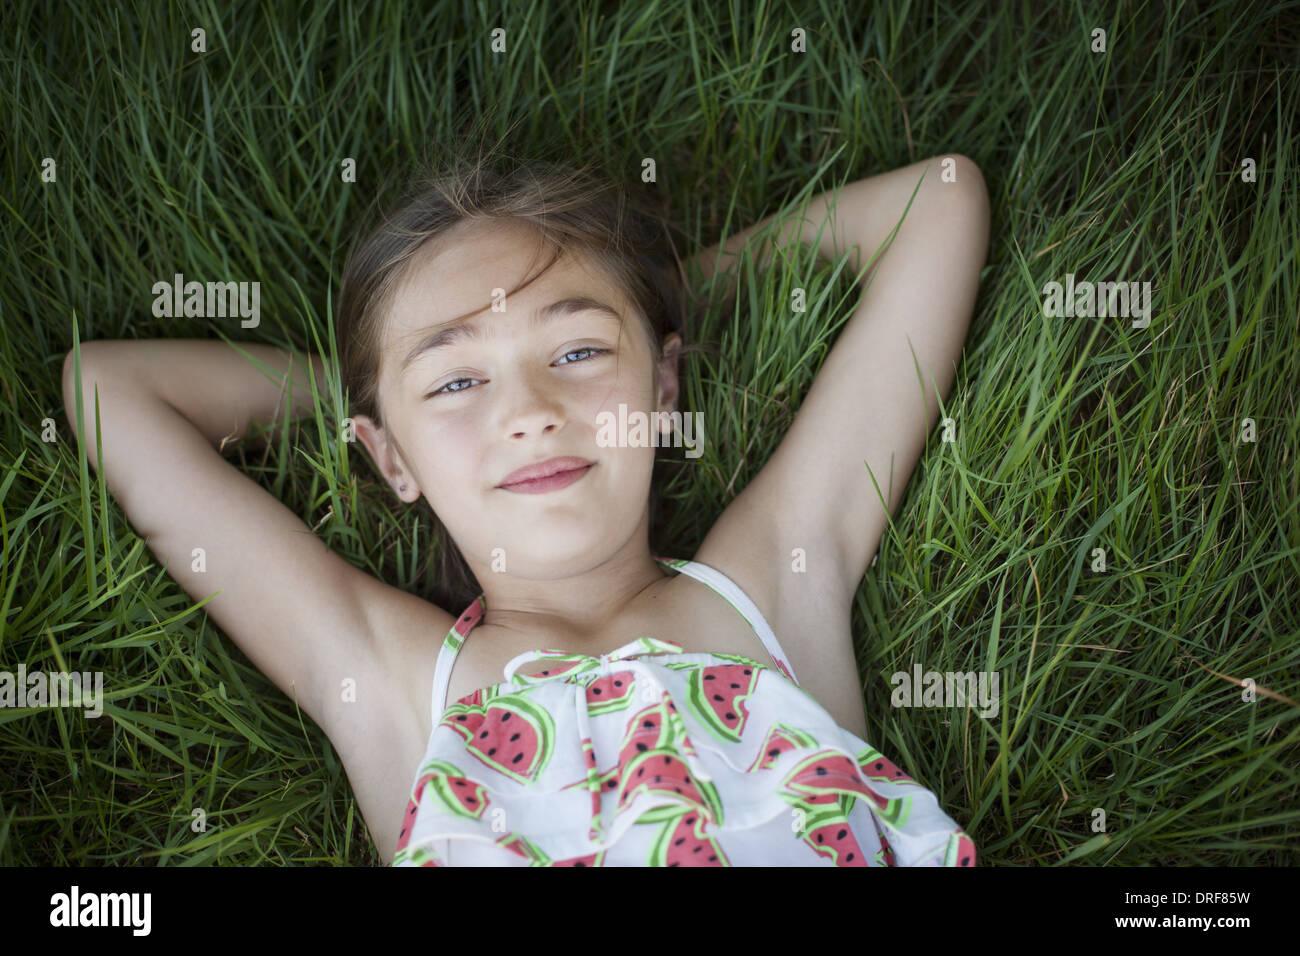 El estado de Nueva York, EE.UU. Niño en día soleado junto a paneles solares EE.UU. Imagen De Stock